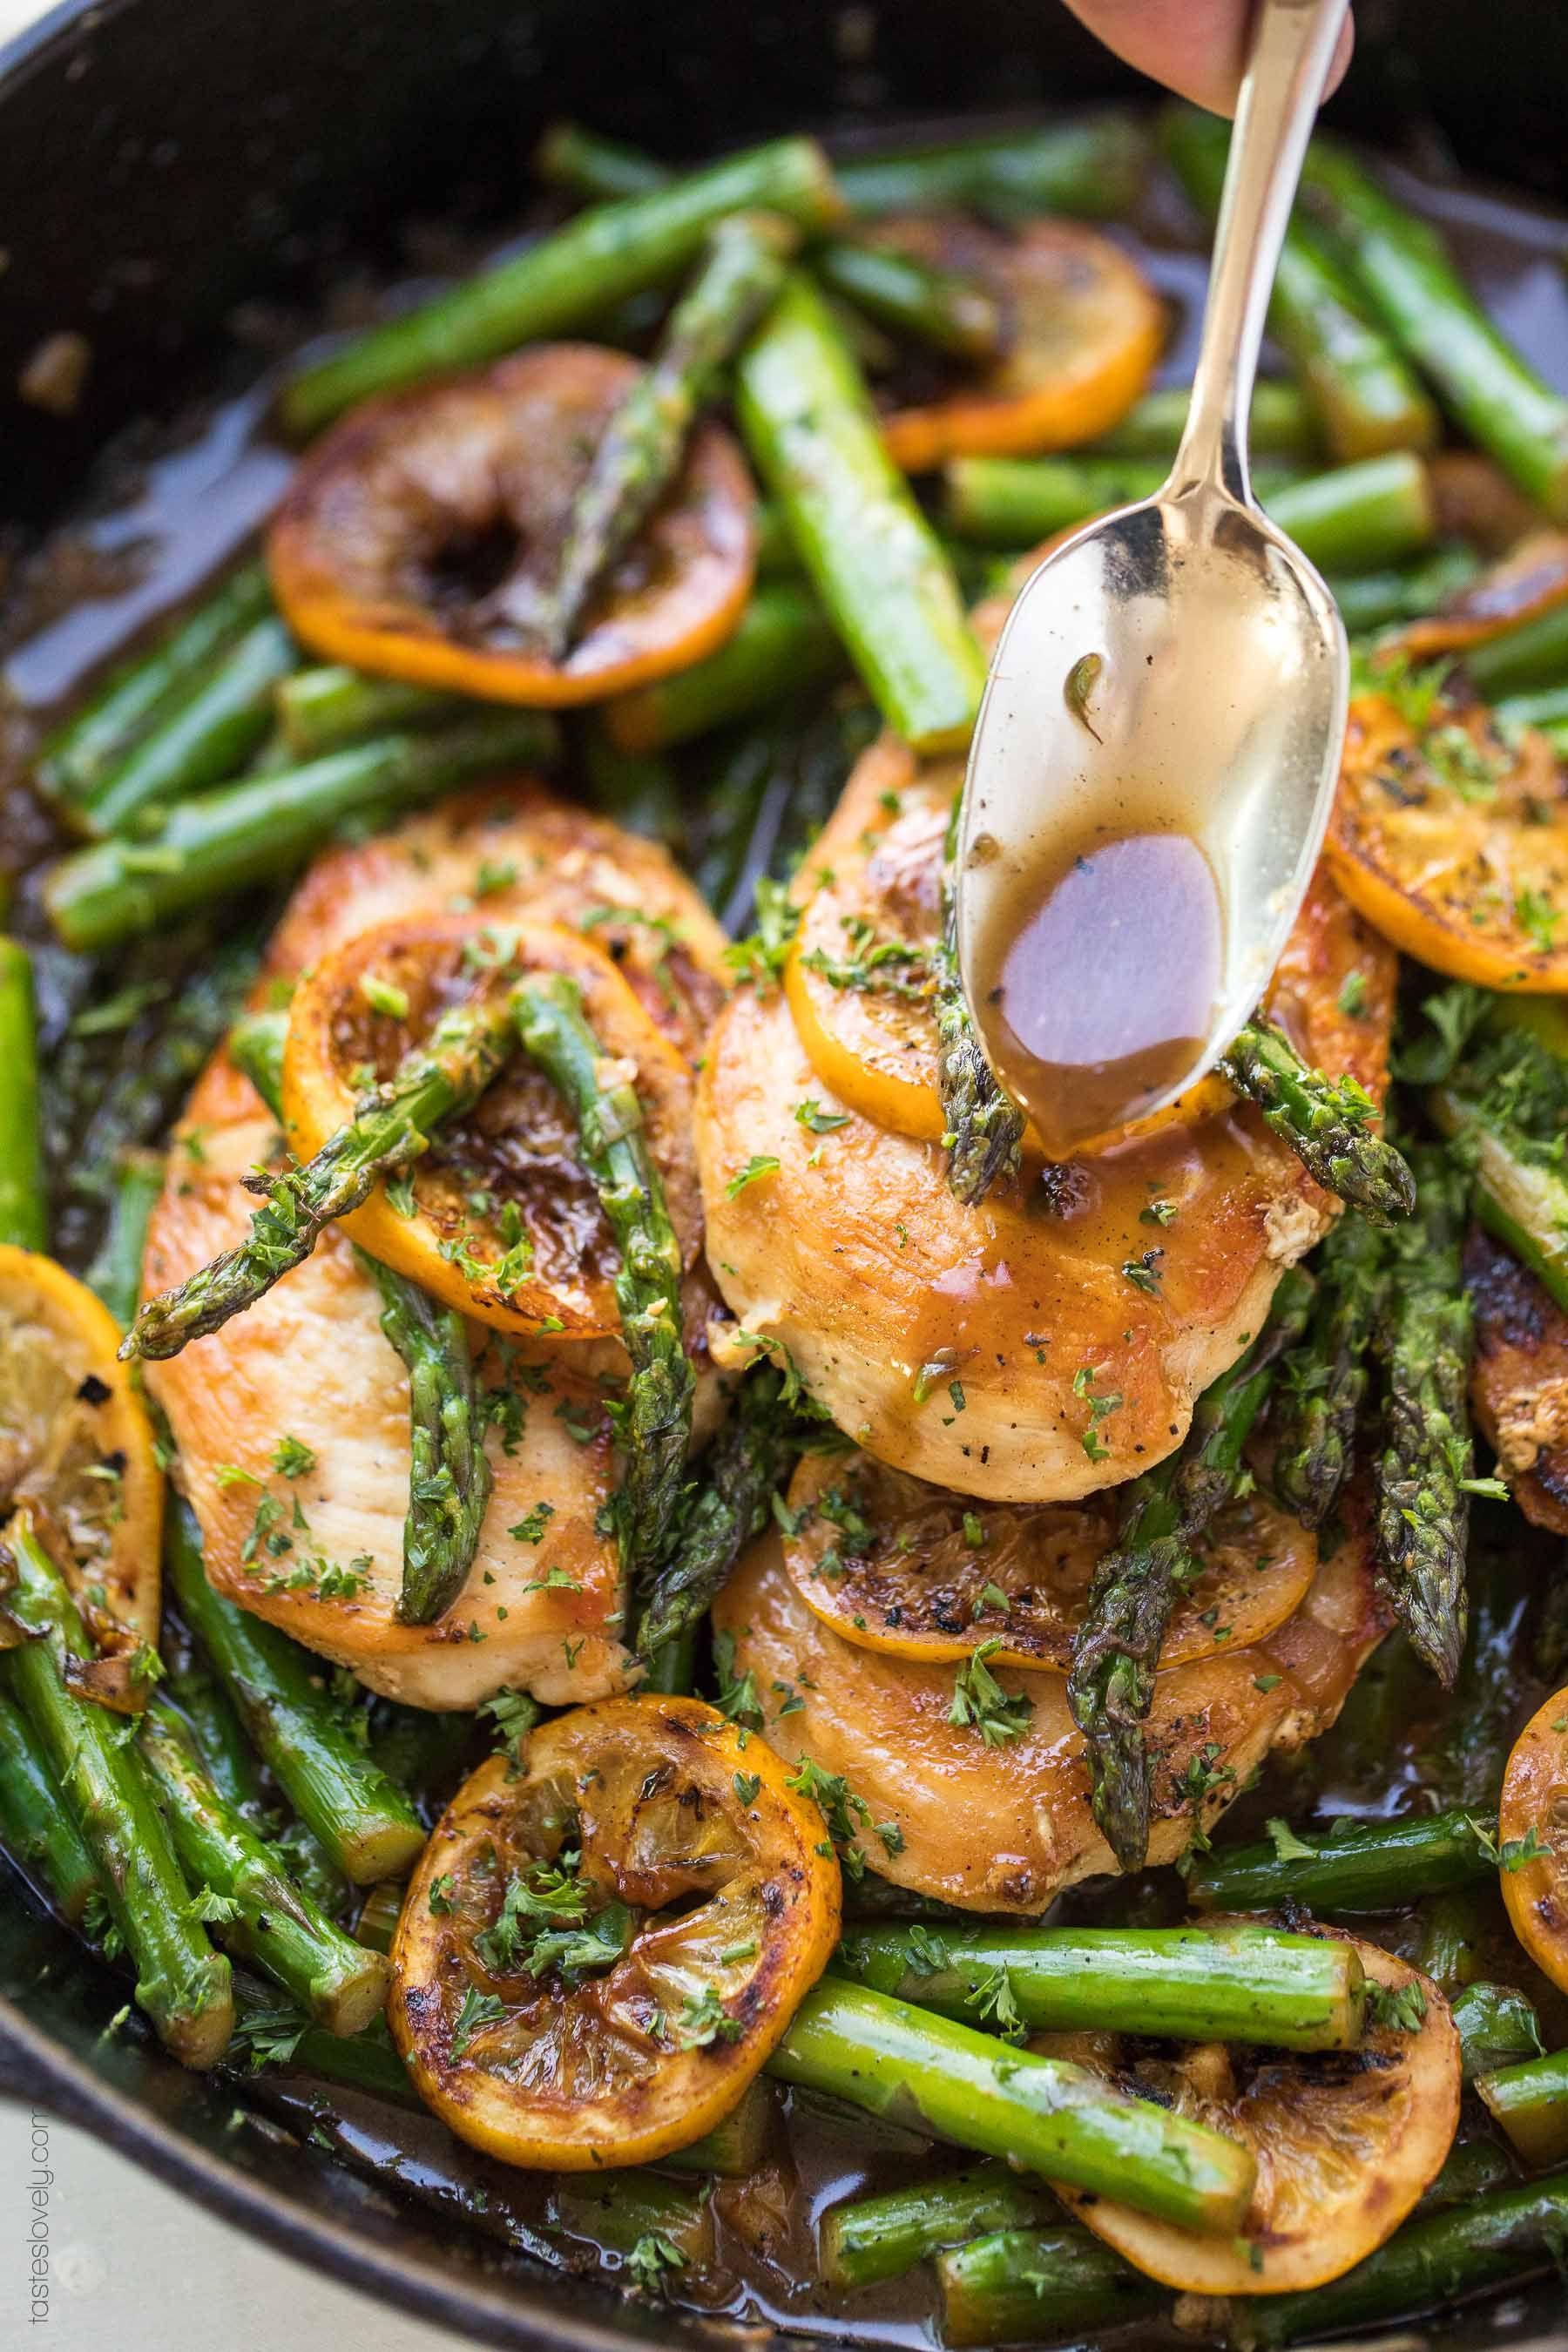 Paleo Lemon Honey Chicken & Asparagus Skillet Dinner